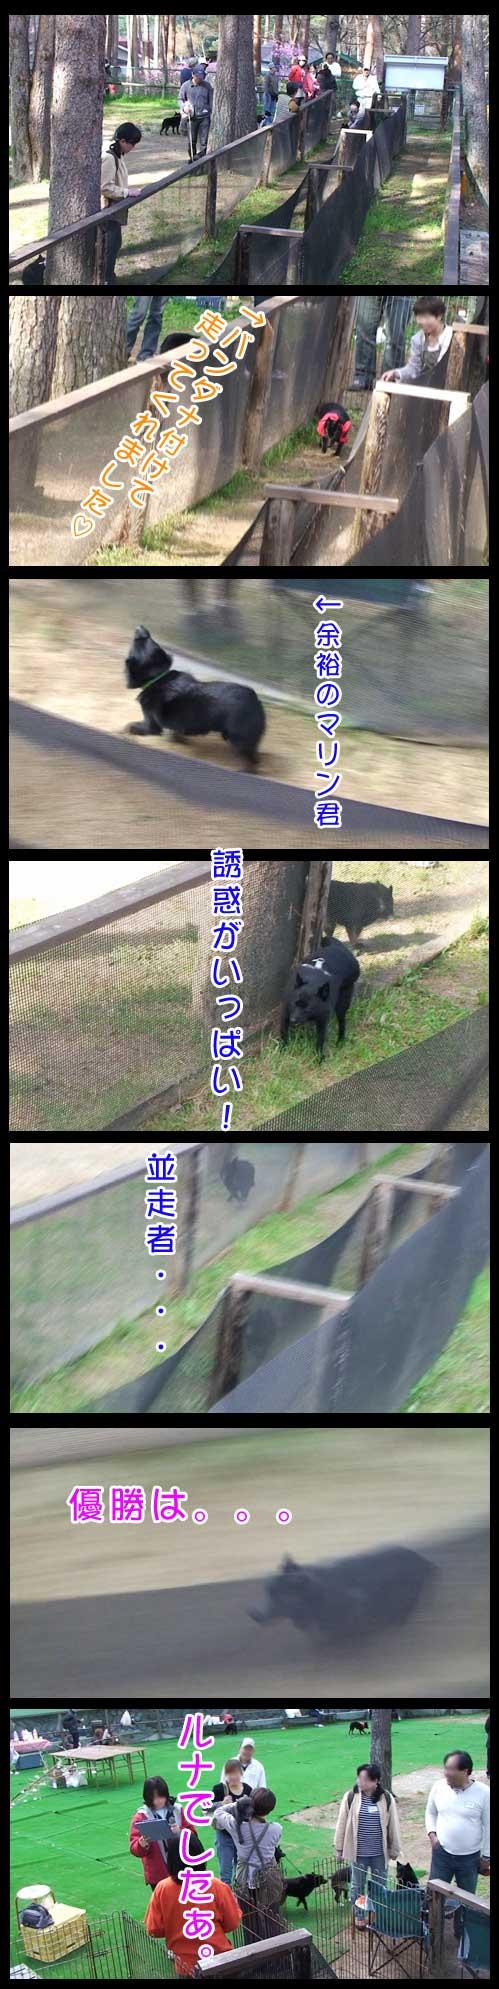 09c17abd.jpg